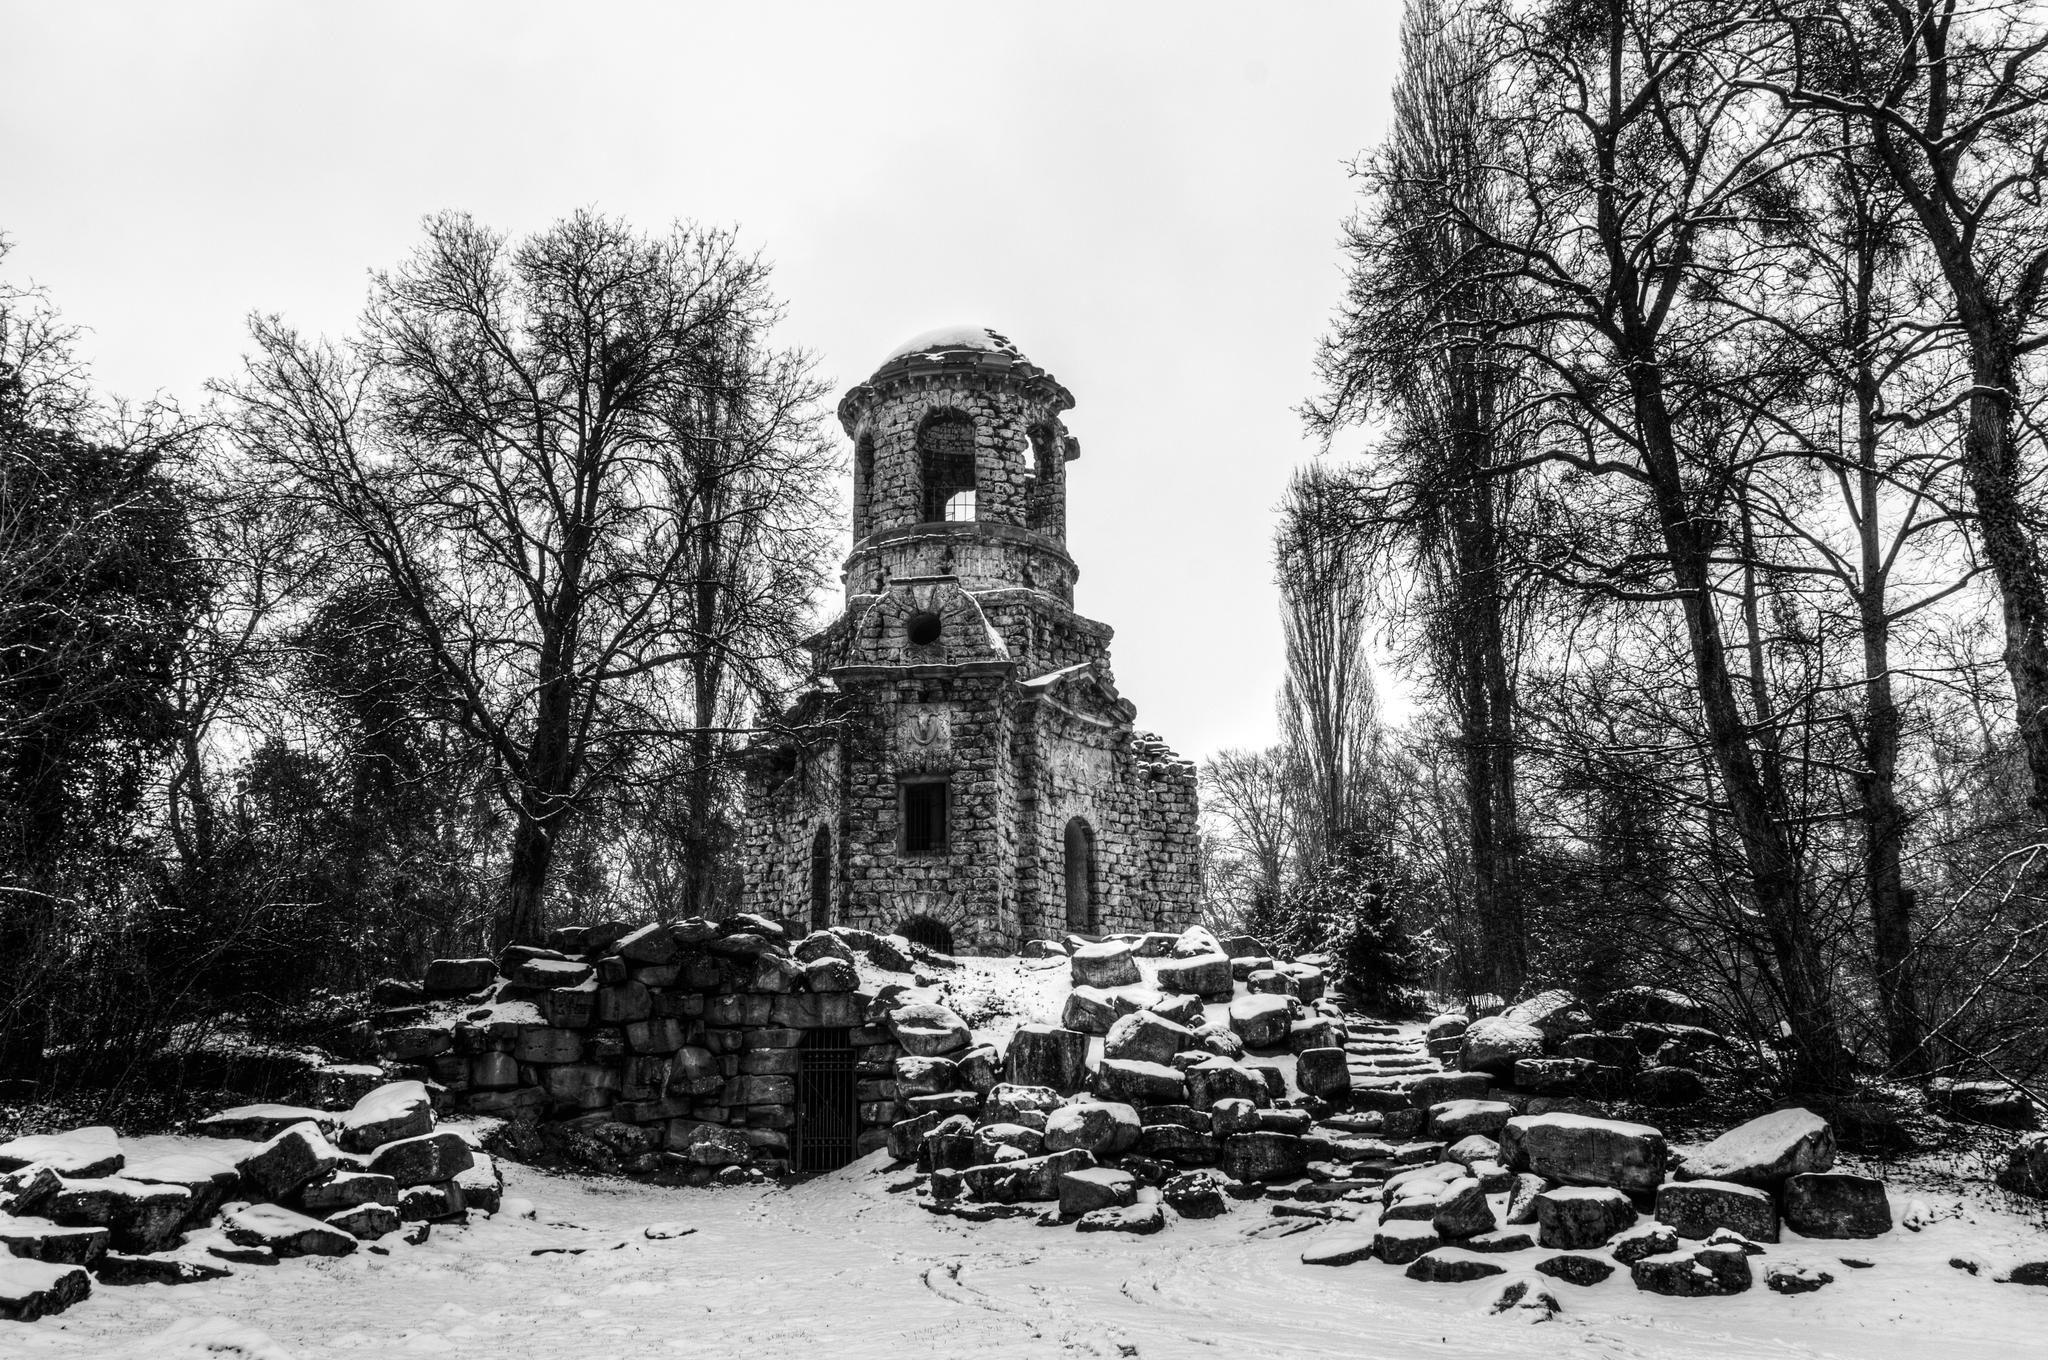 Temple of Mercury by Alex Gaflig on 500px